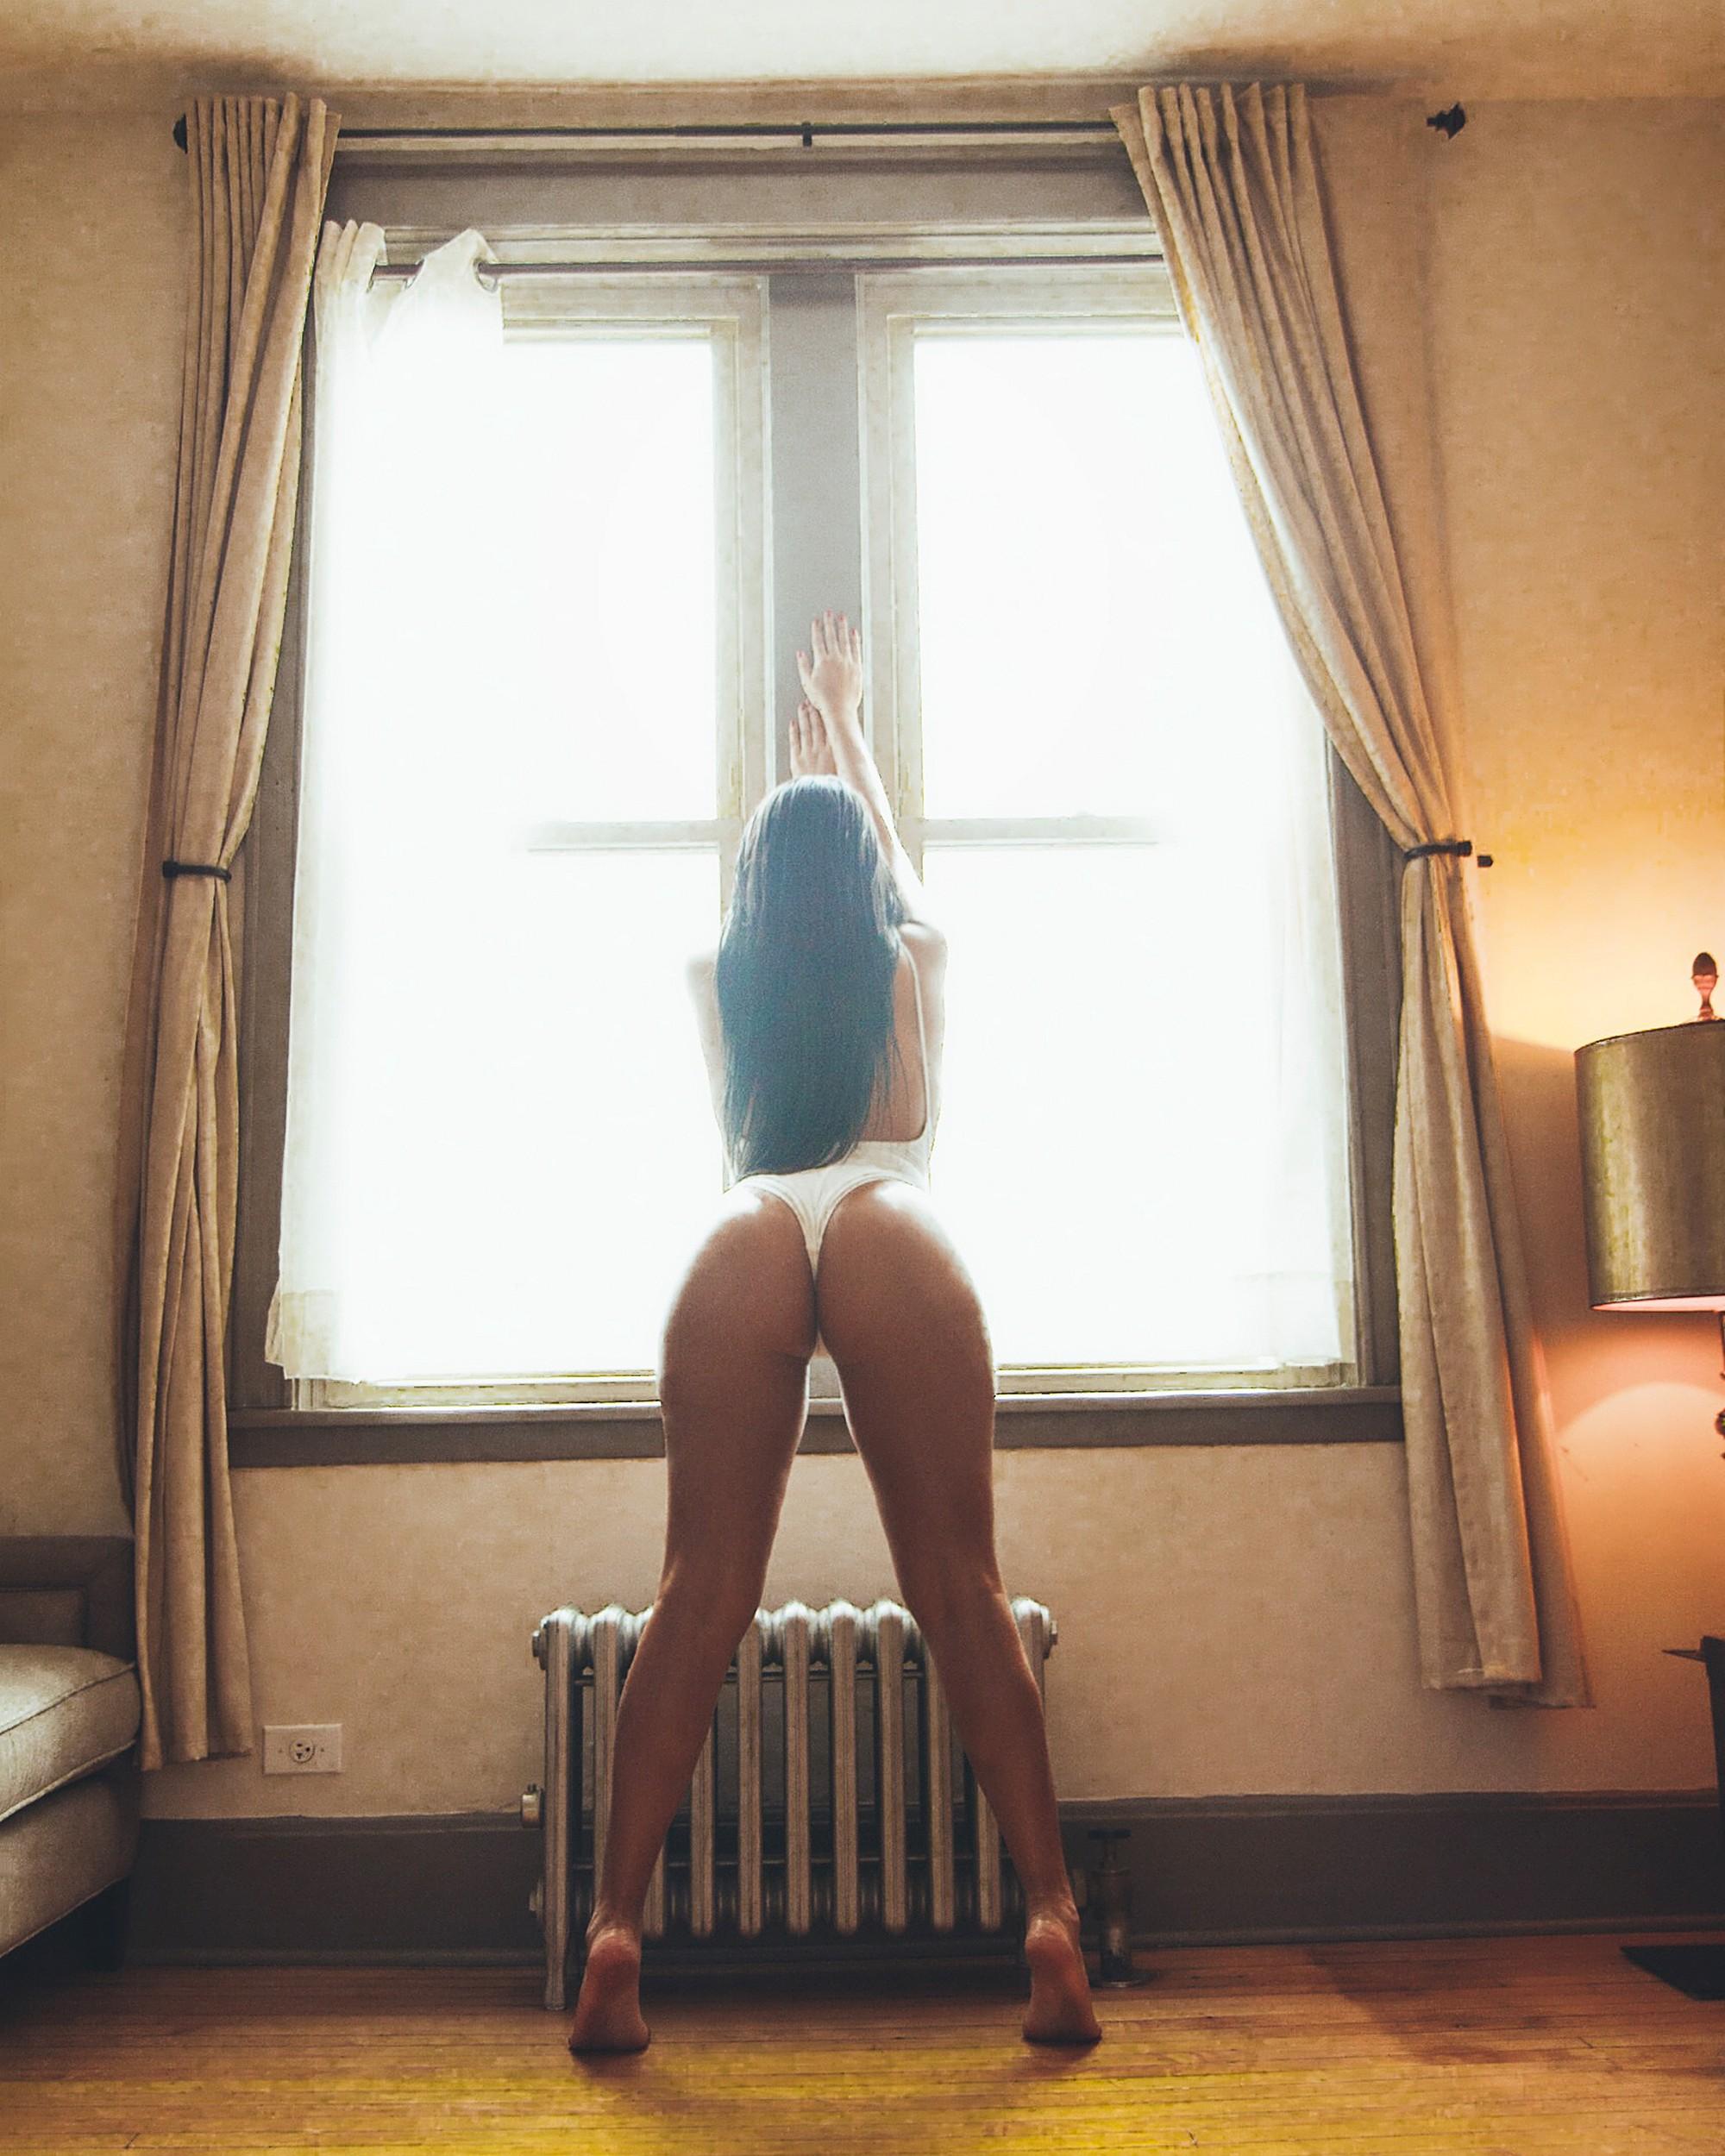 spxl_wanda_want_IMG_4162